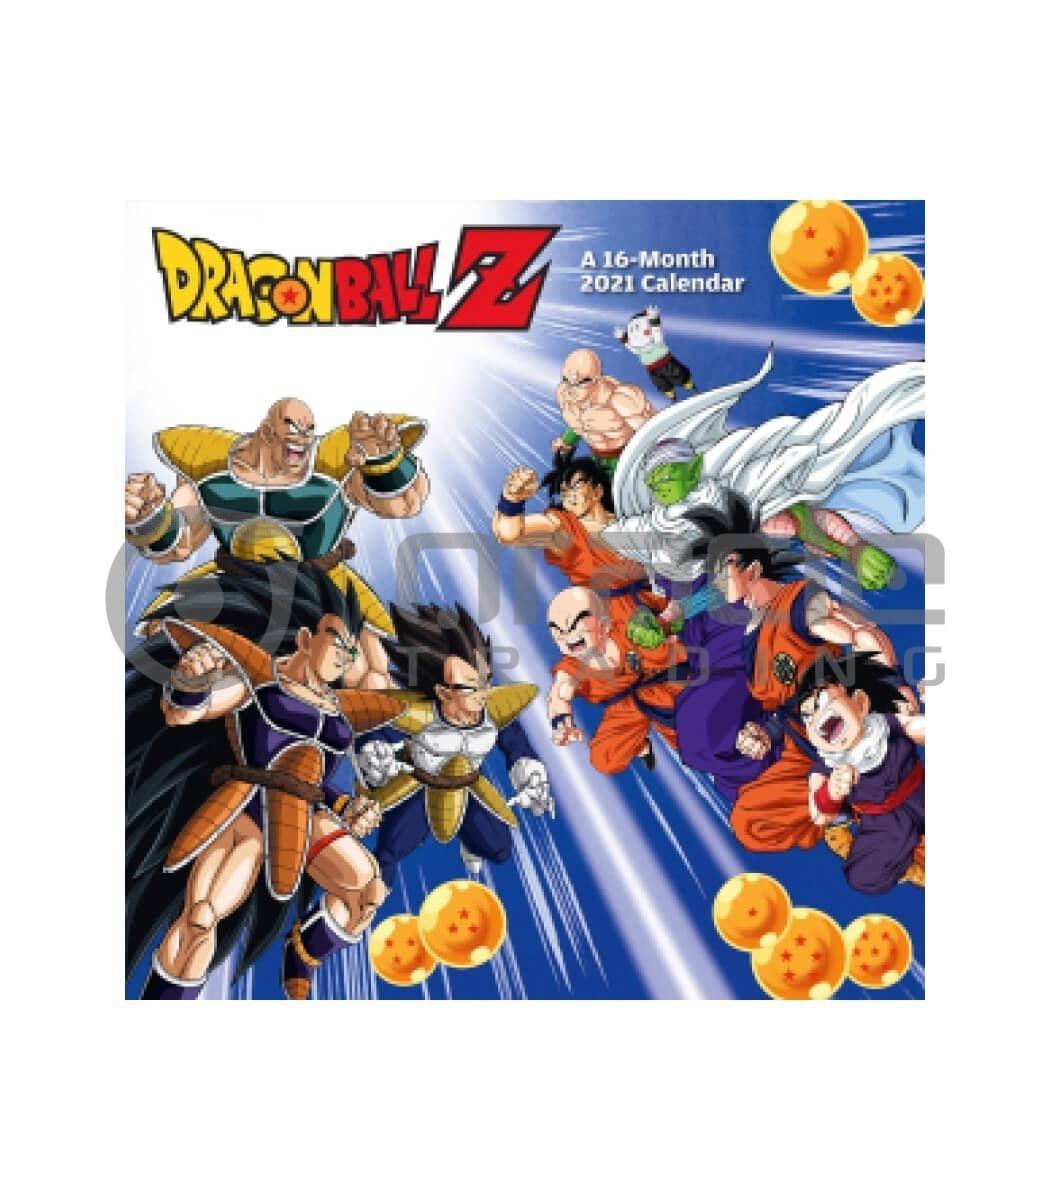 Dragon Ball Z 2021 Calendar | Oracle Trading Inc.